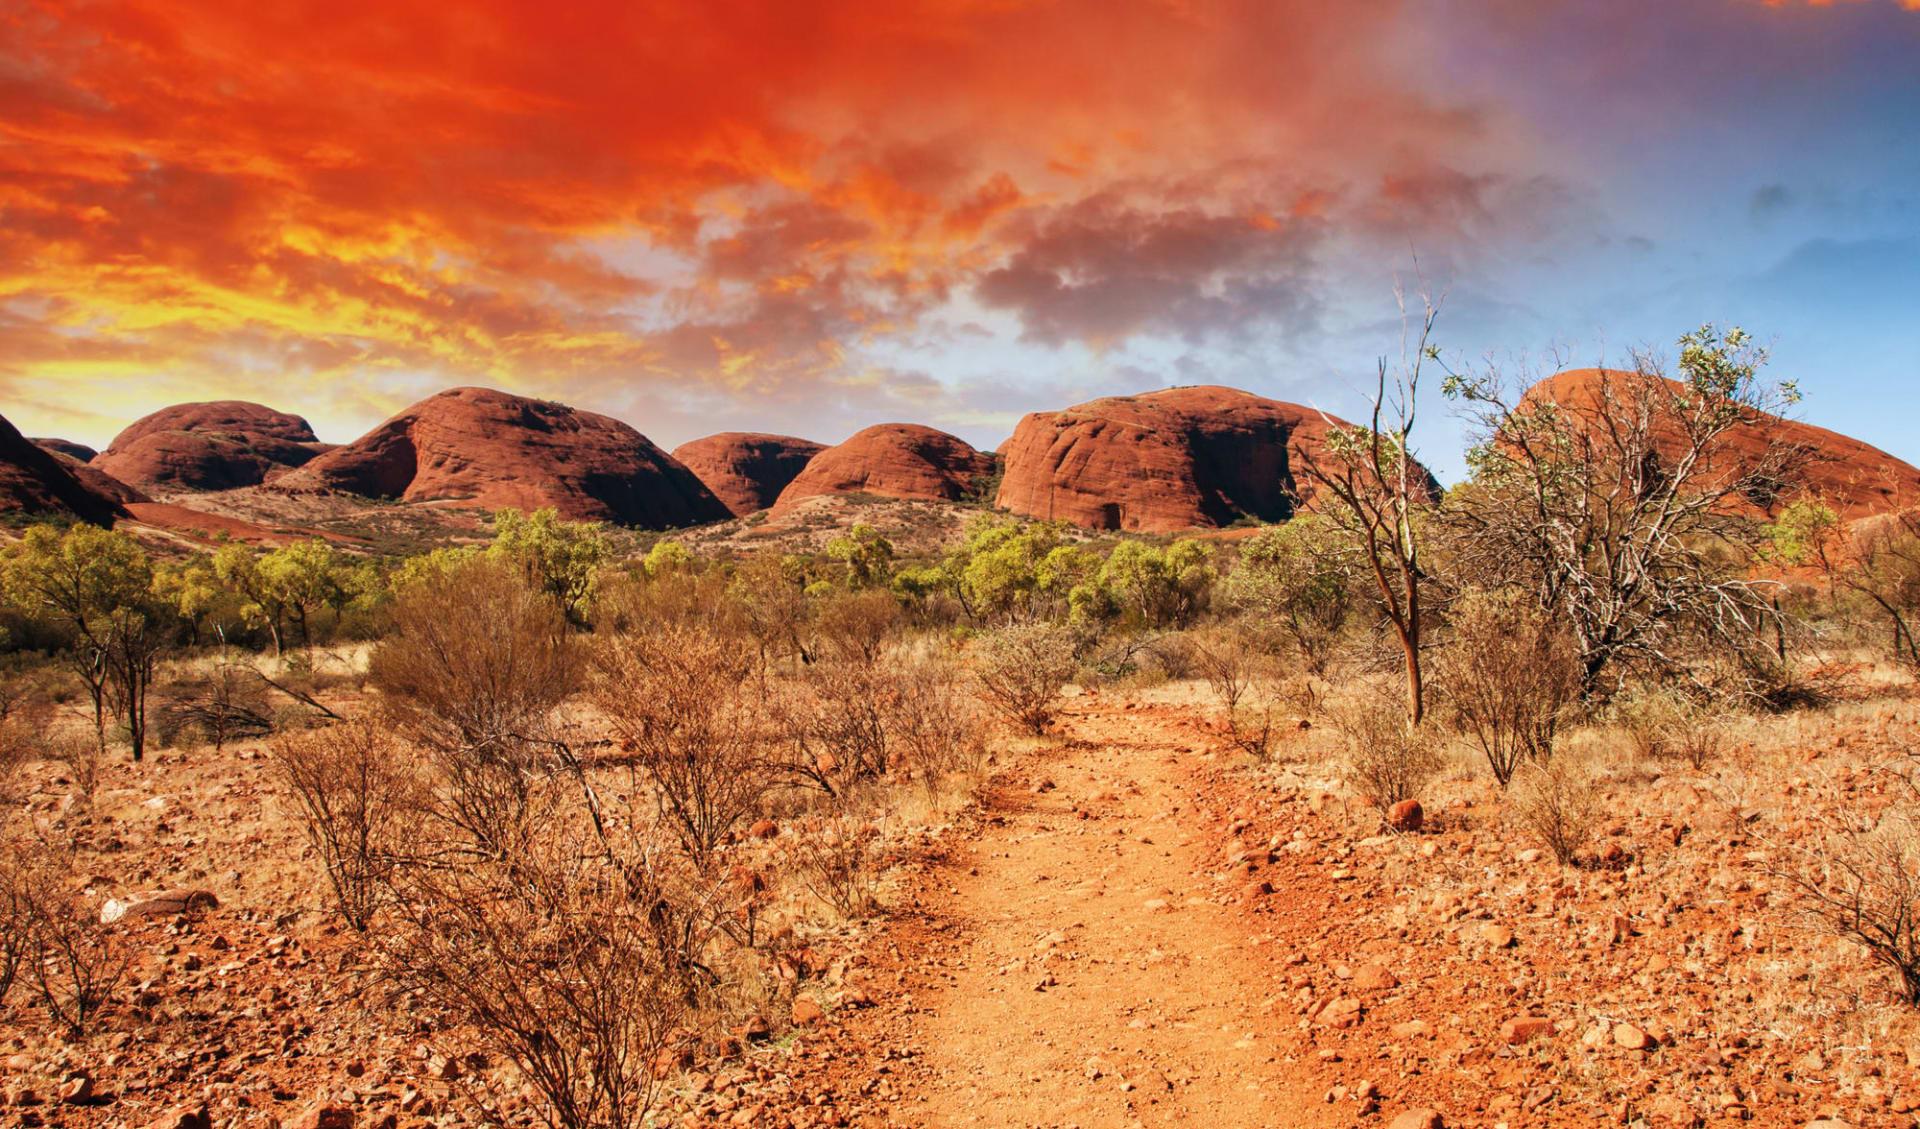 Rock 'n' Canyon ab Alice Springs: Kata Tjuta - Rote Wolken